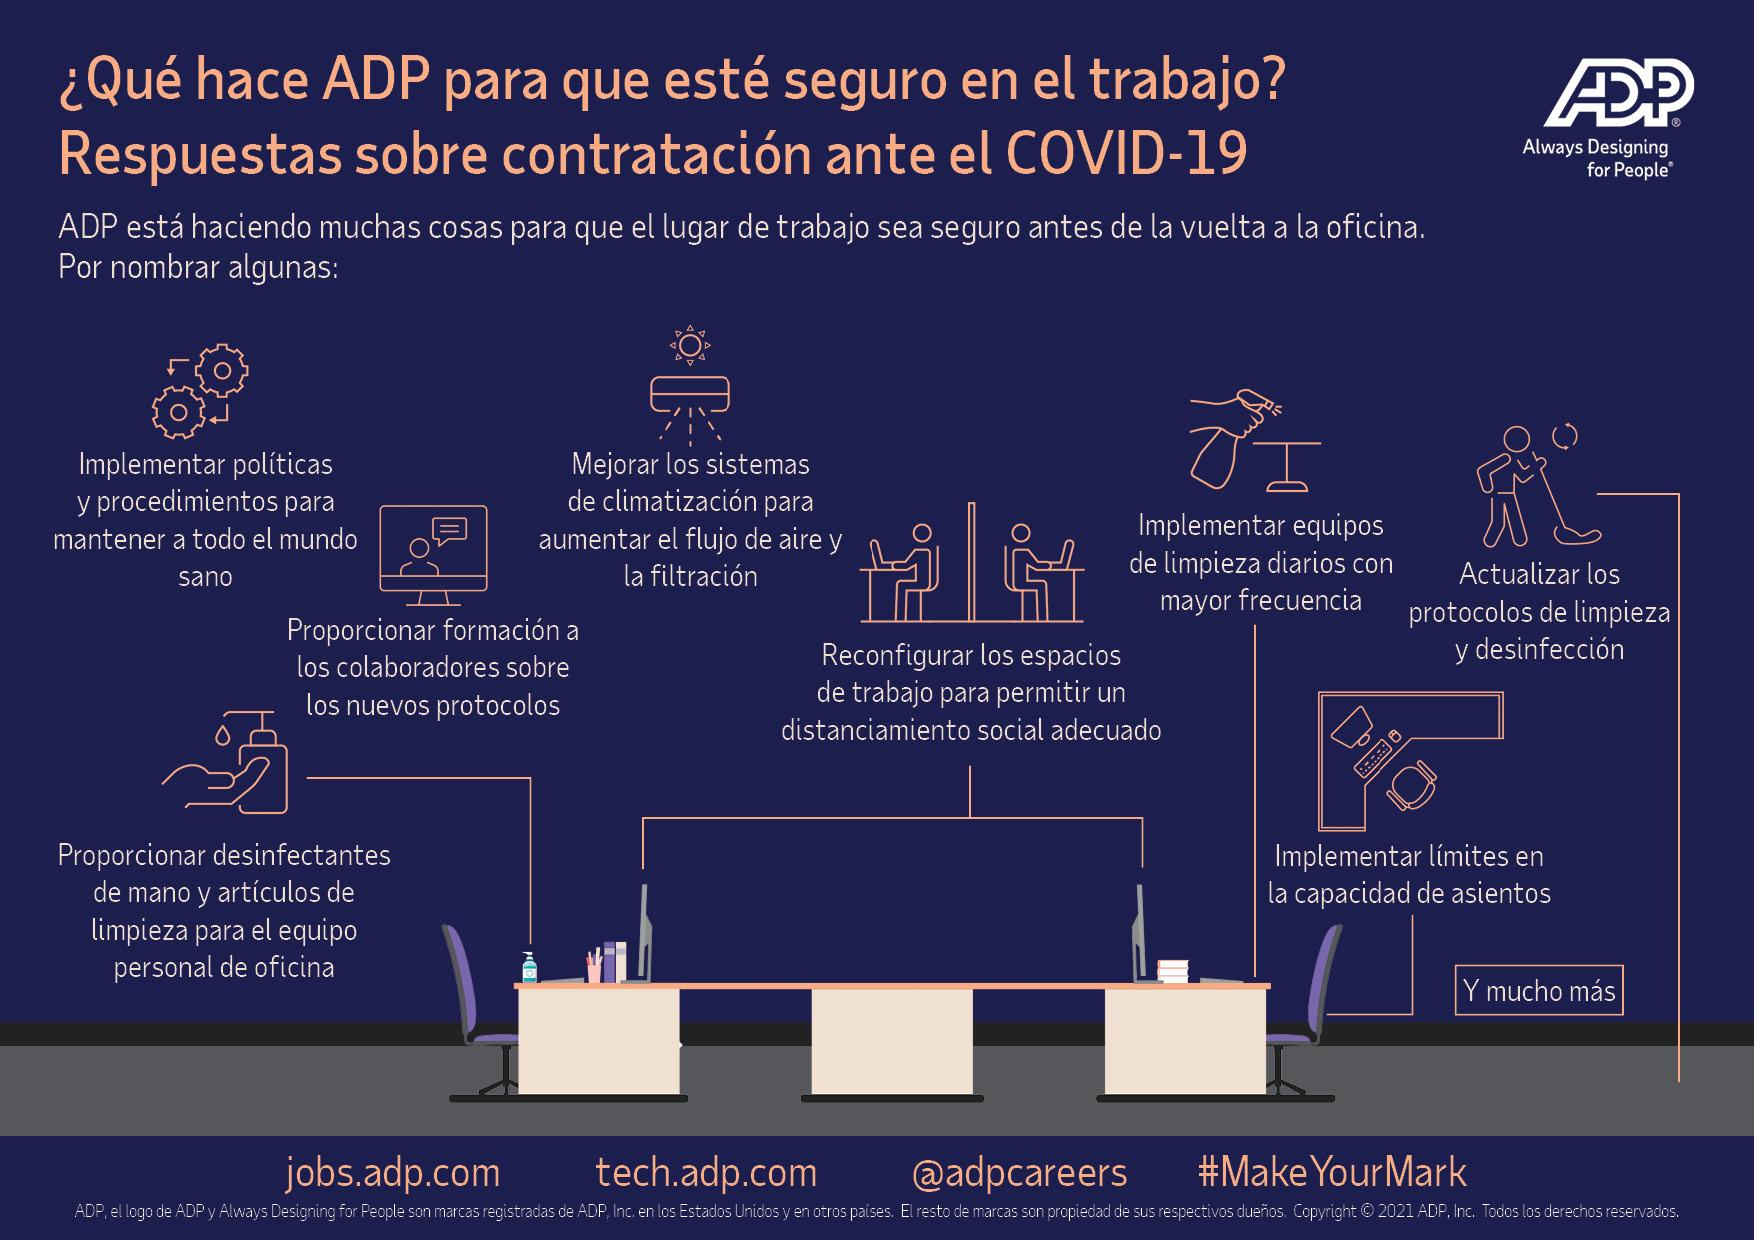 ¿Qué hace ADP para que esté seguro en el trabajo?